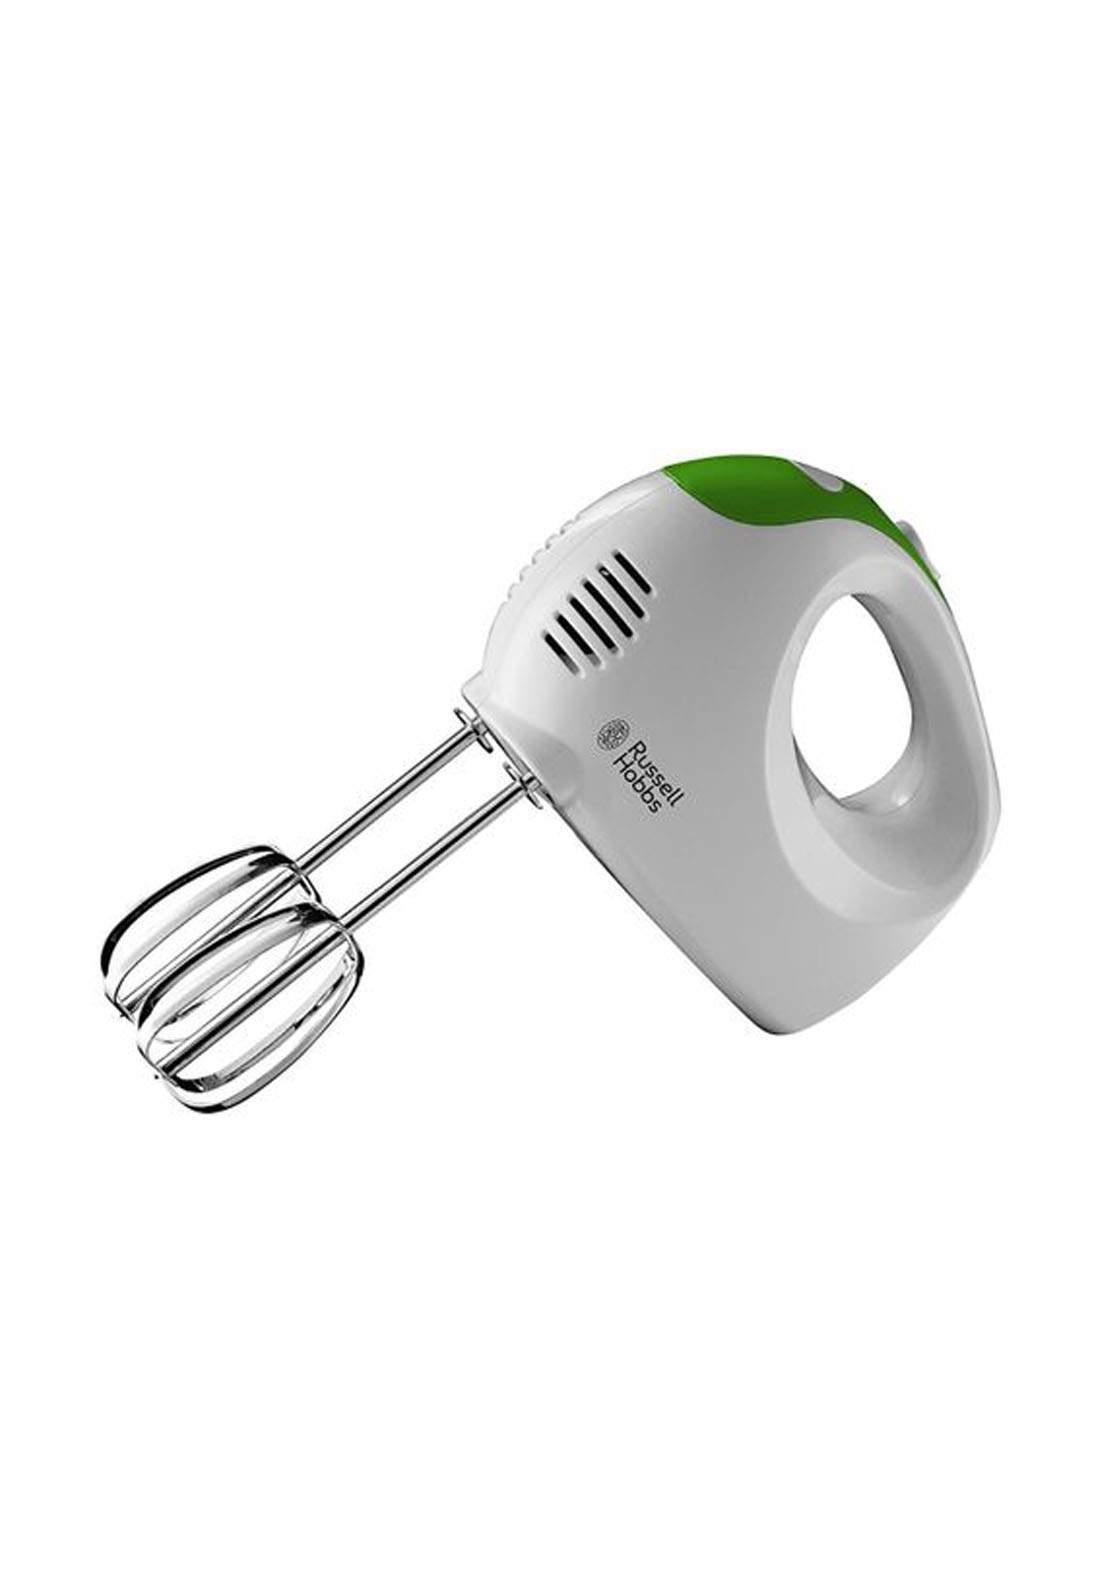 Russell hobbs 22230 Desire Hand Mixer خفاقة يدوية كهربائية